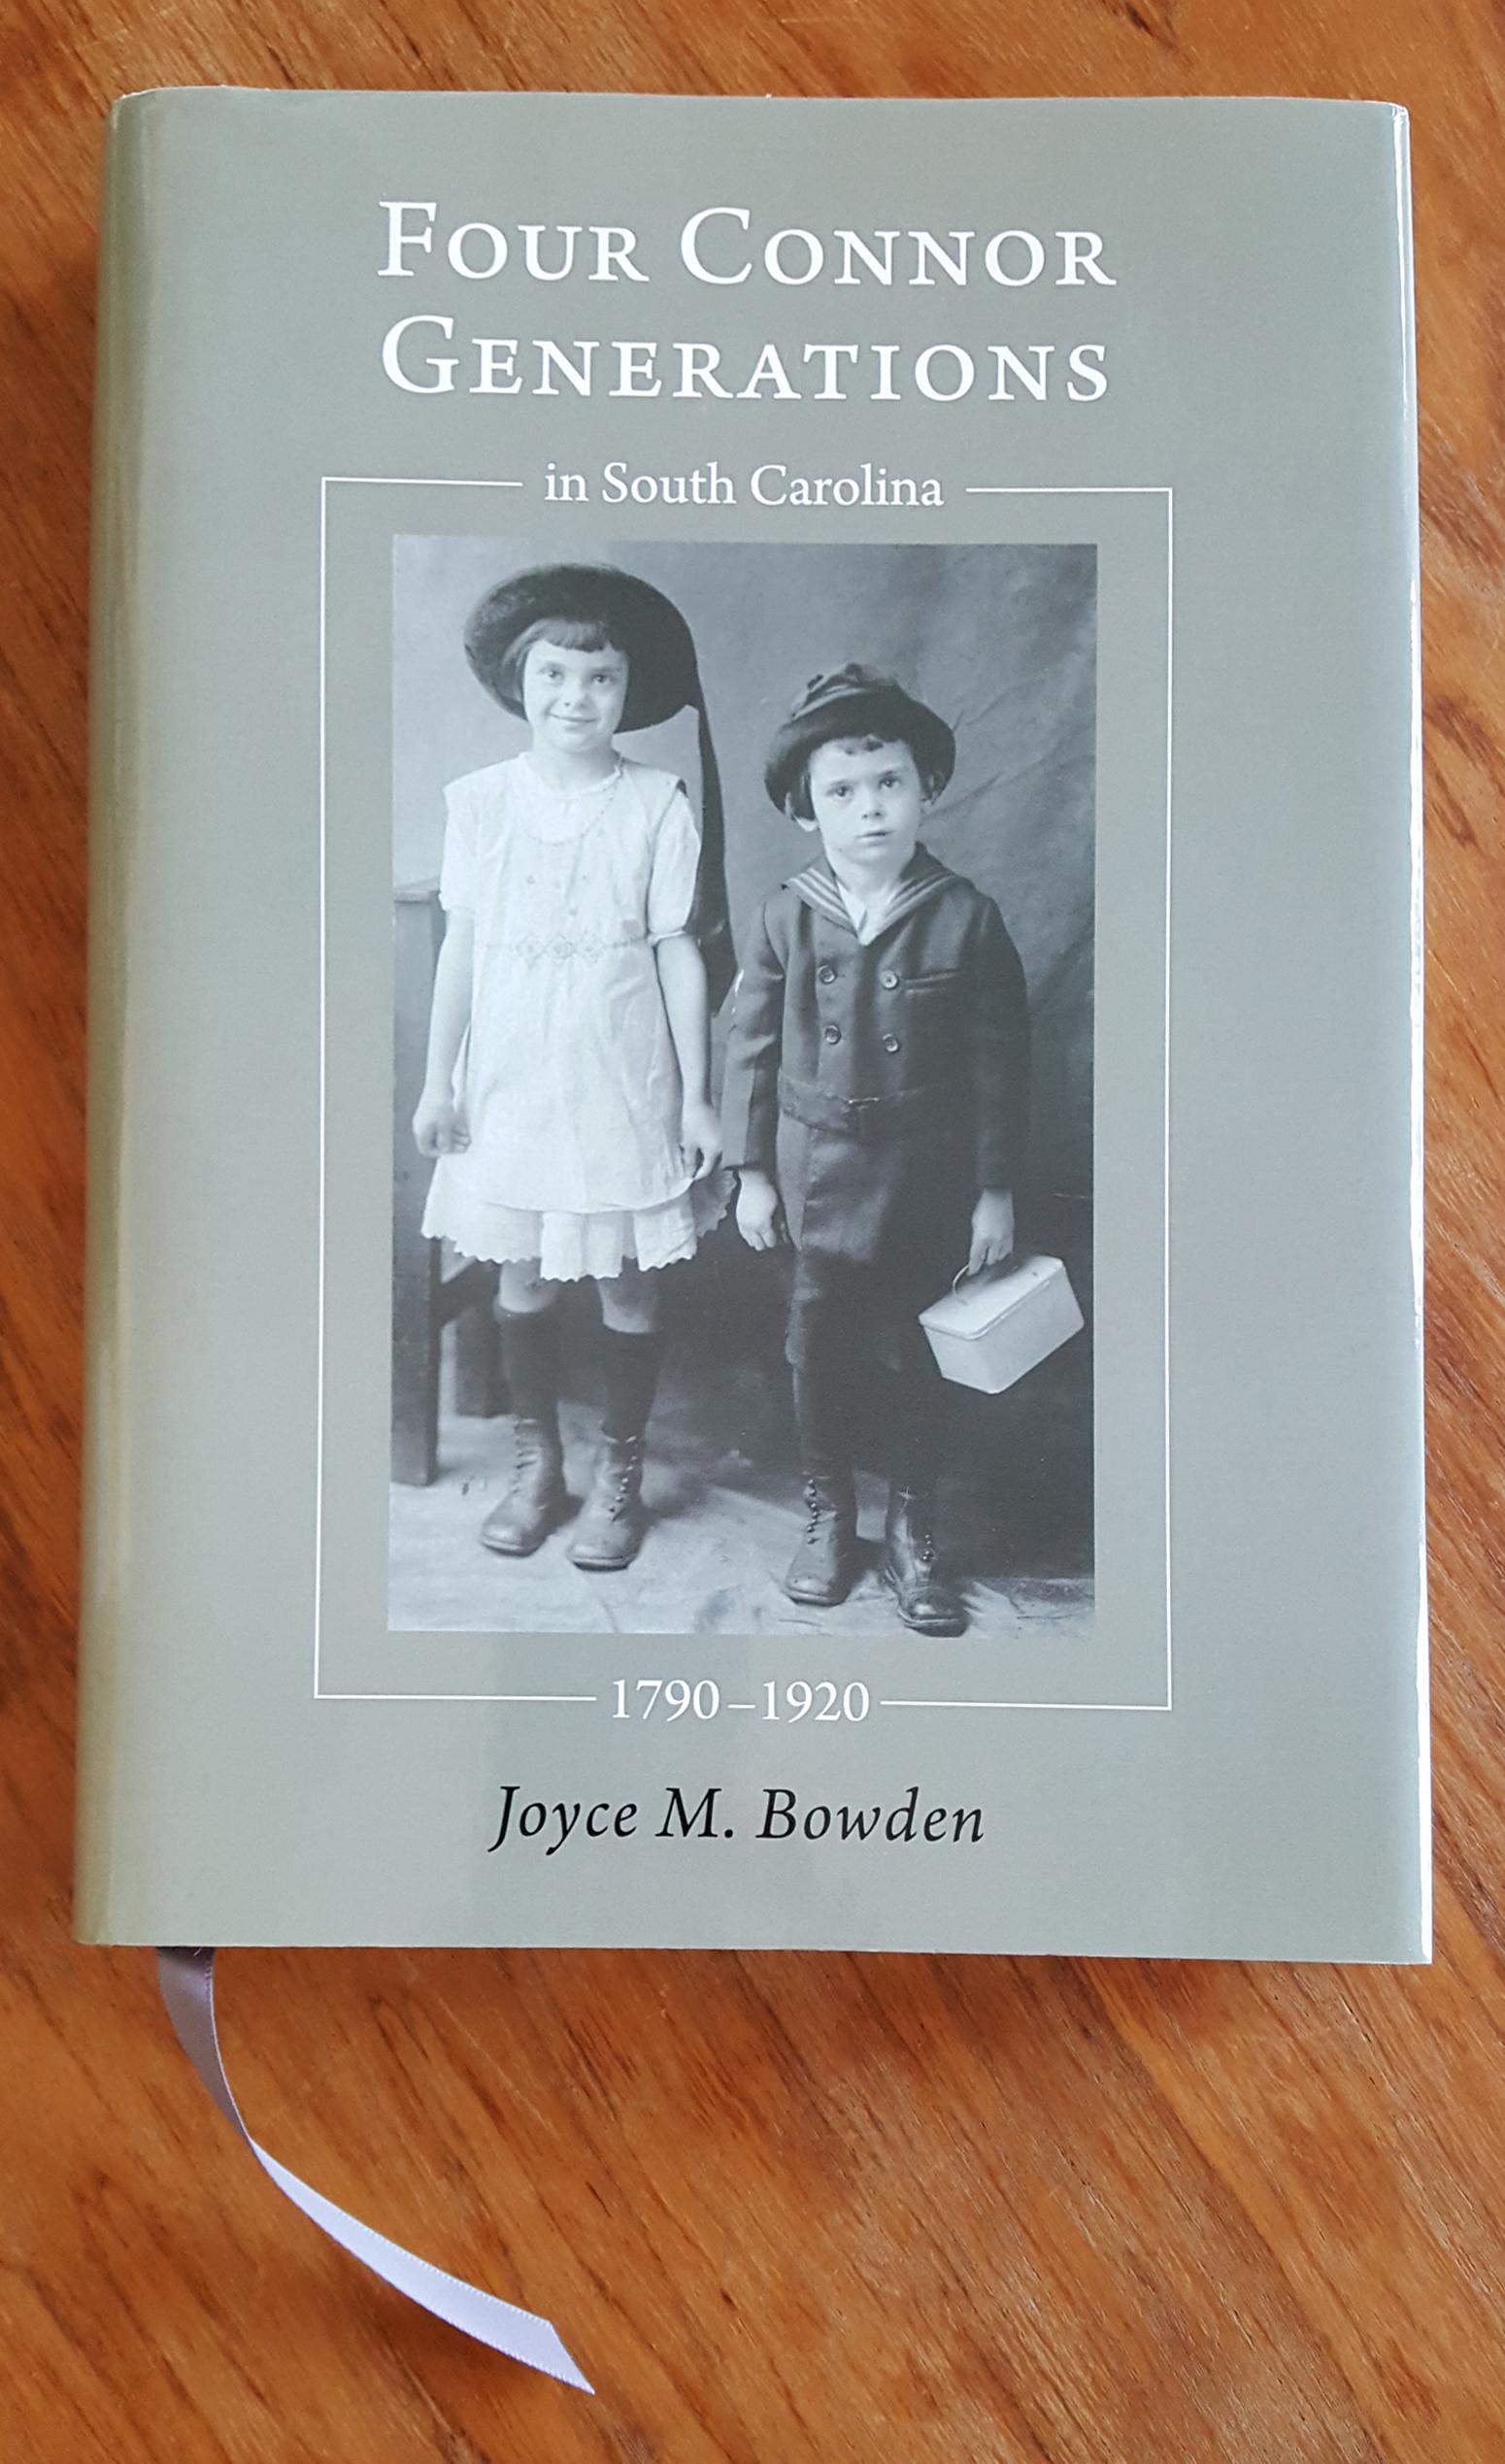 Bowden book.jpg